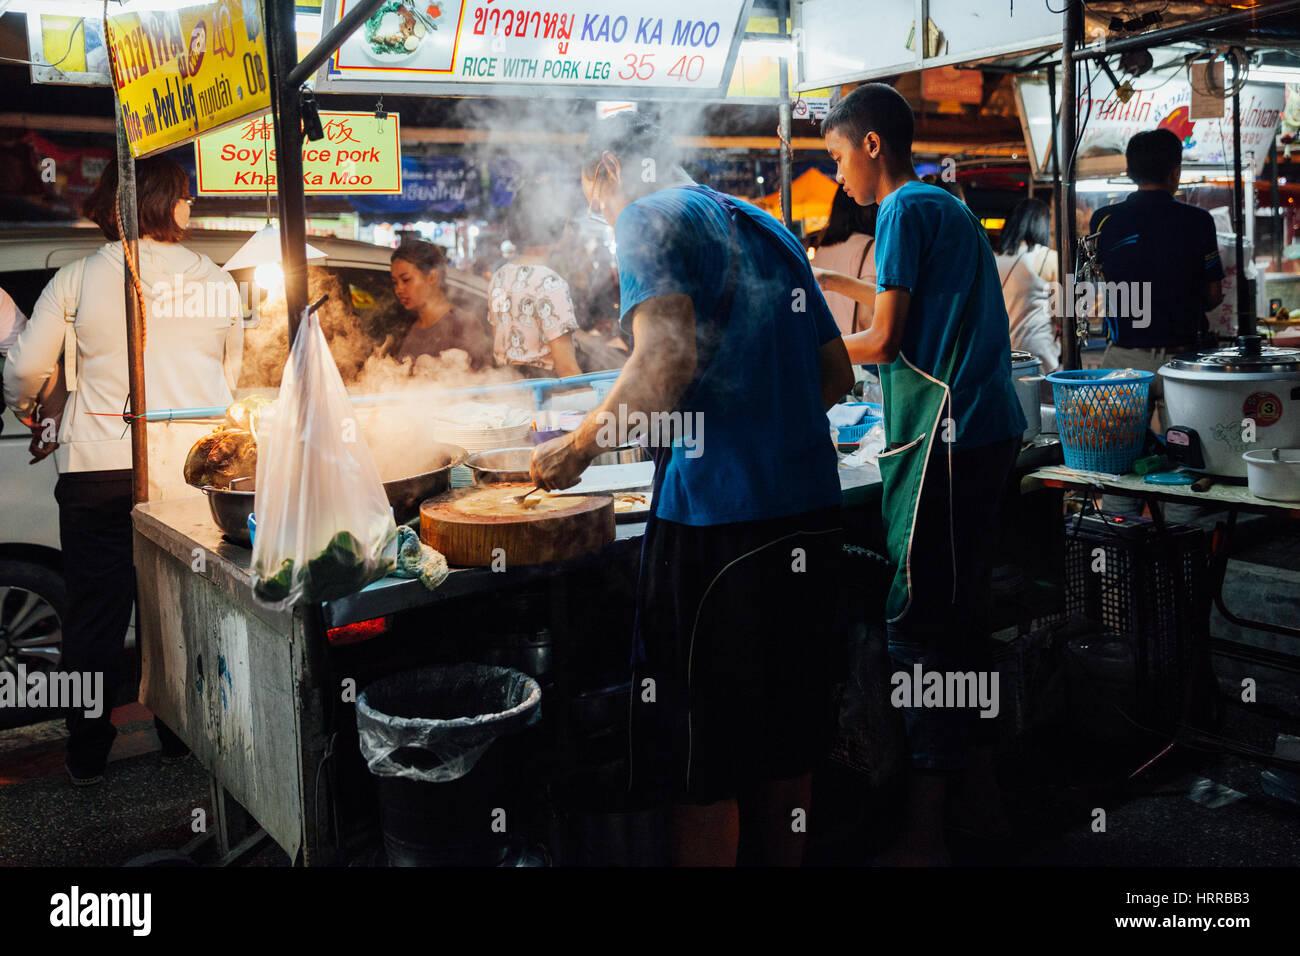 Chiang Mai, Thaïlande - 27 août 2016: Père et bien la cuisson des aliments au marché du Photo Stock